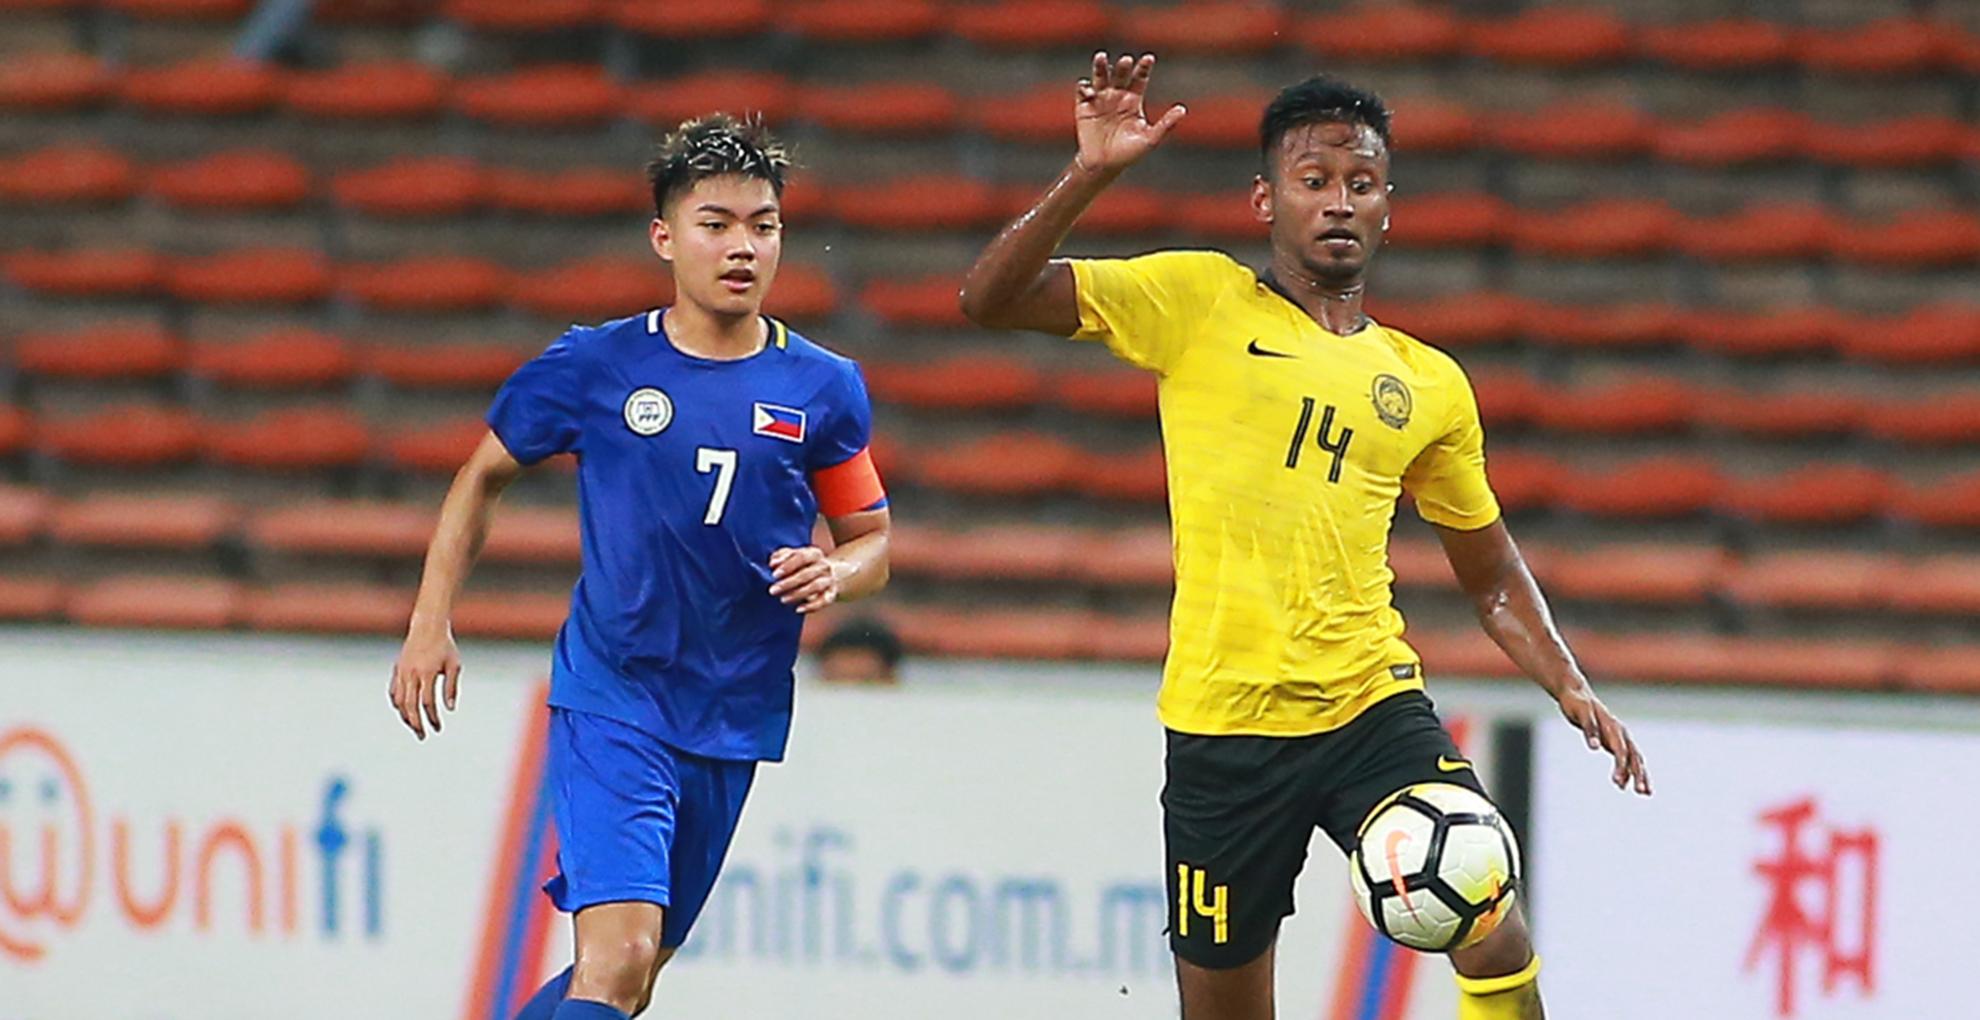 Syamer Kutty Abba, Malaysia U23 v Philippines U23, AFC U23 Championship, 22 Mar 2019